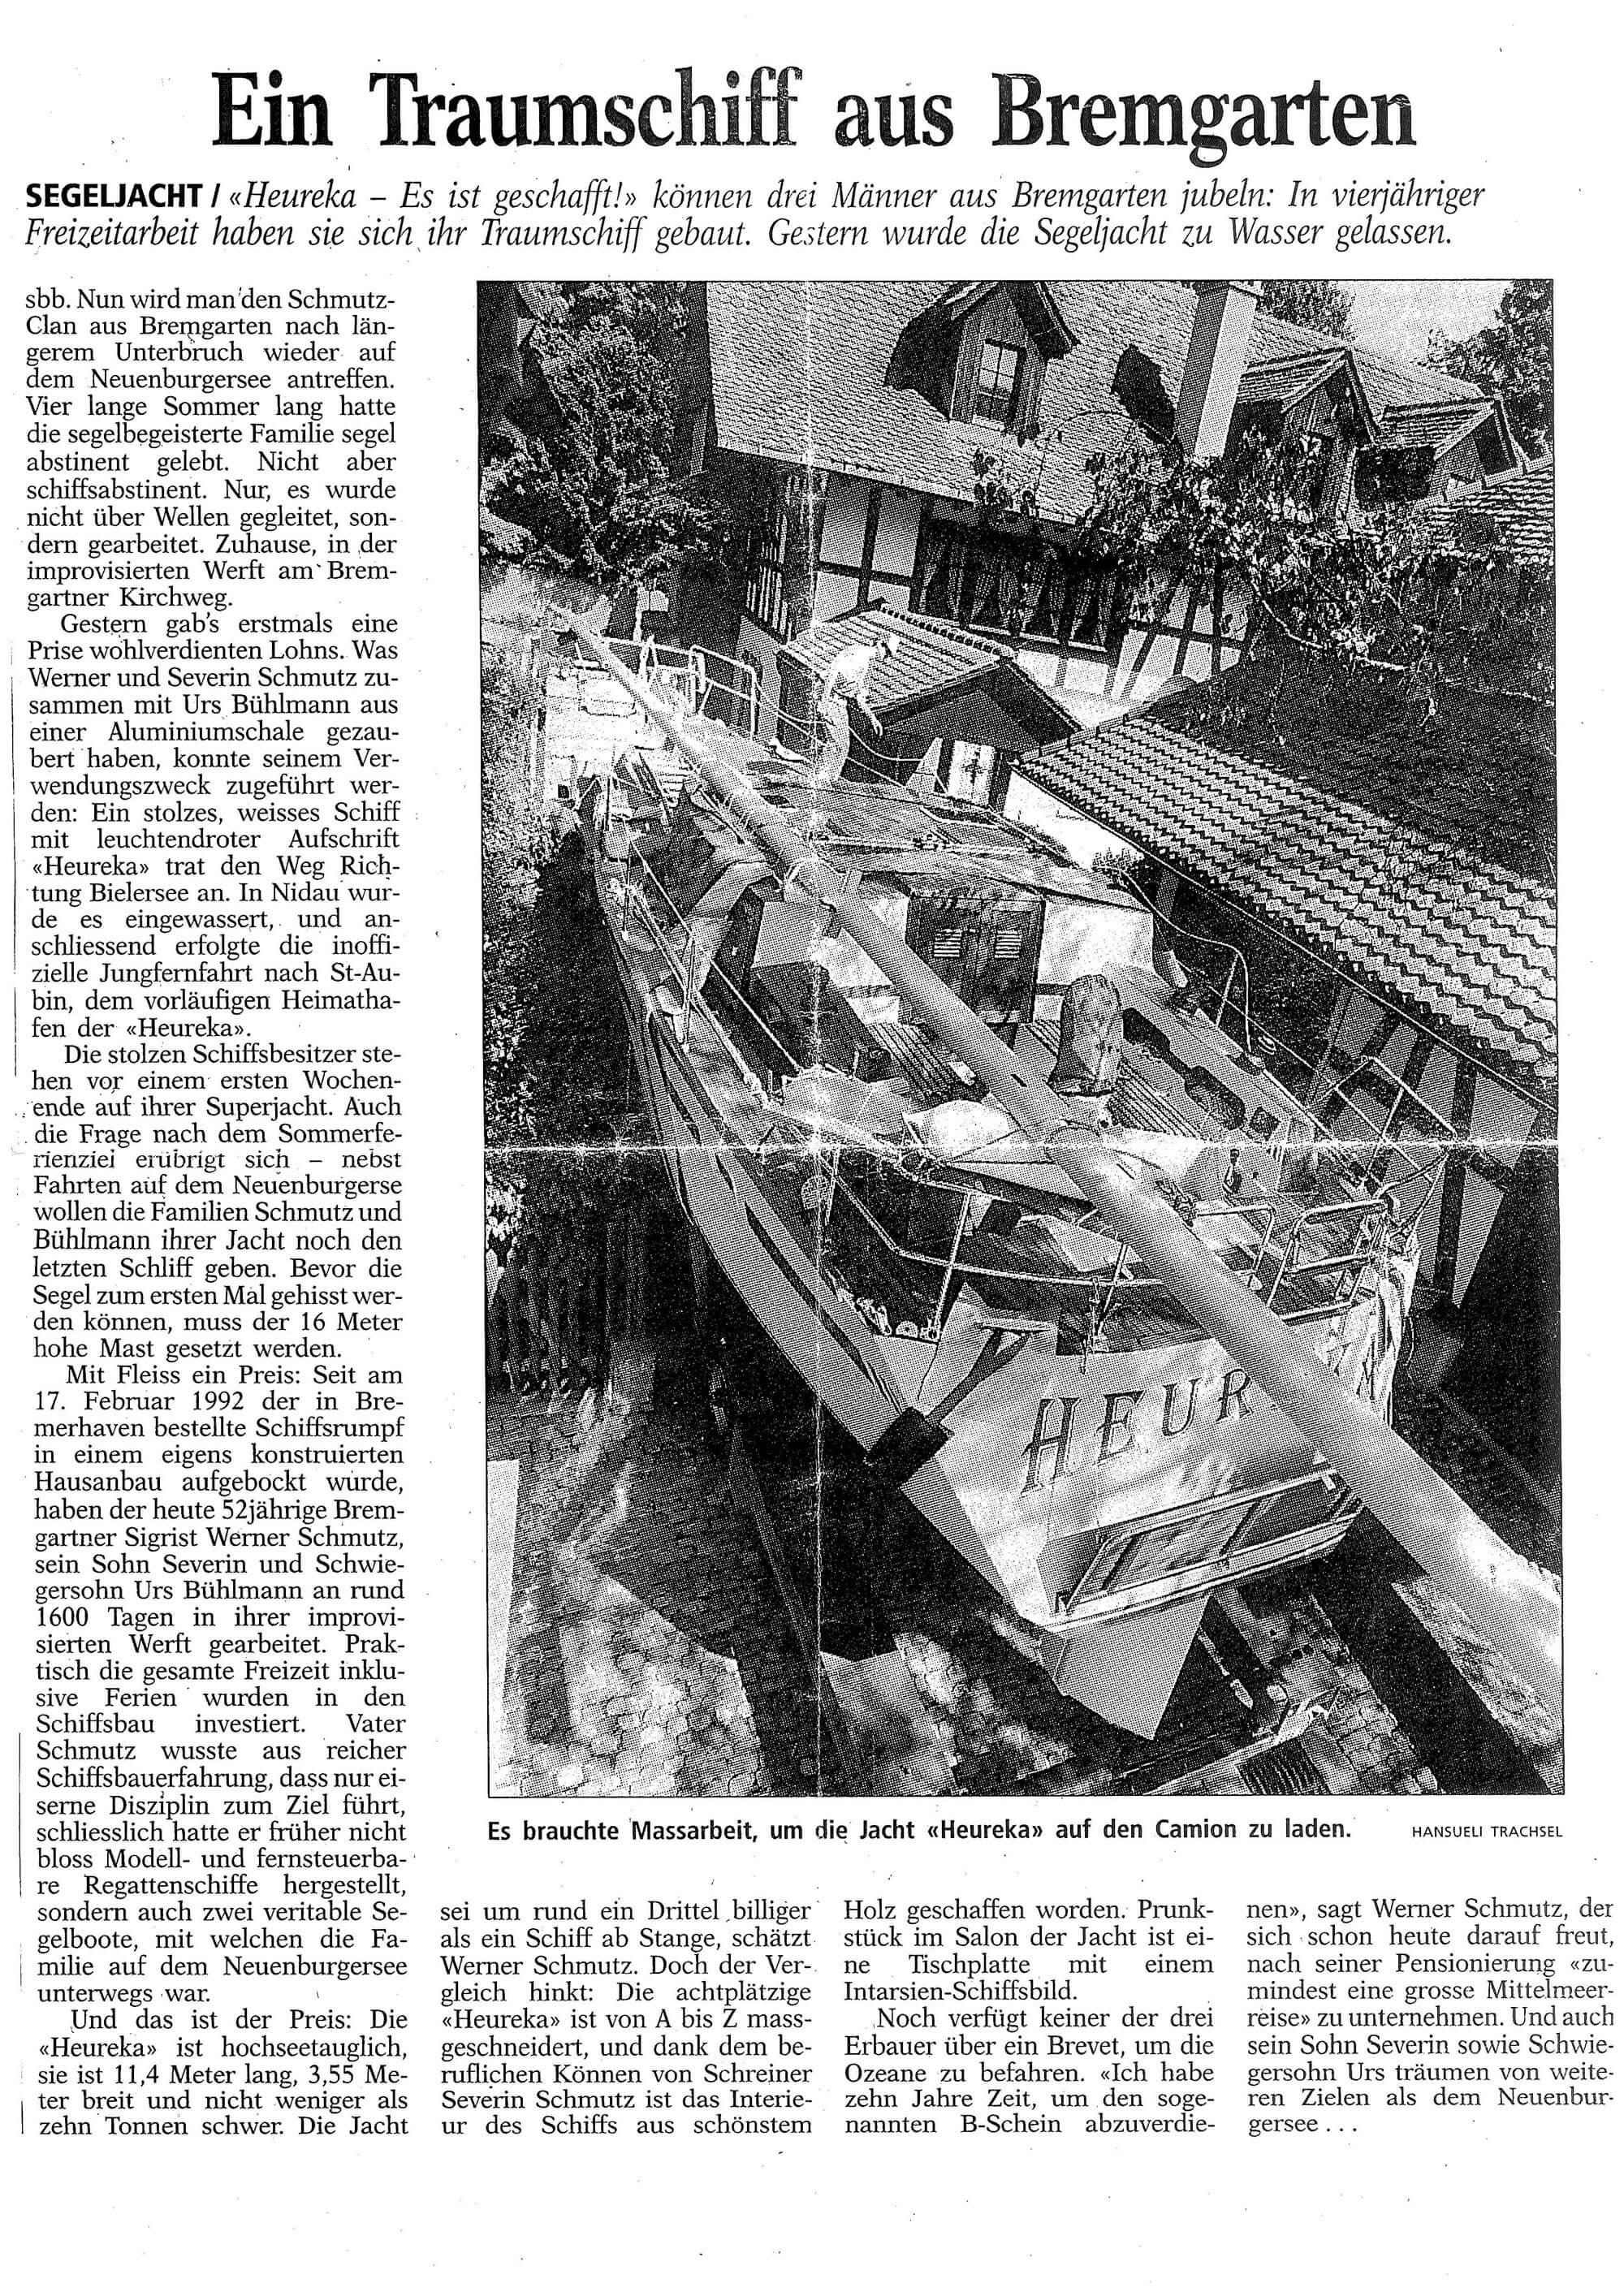 Ein Traumschiff aus Bremgarten